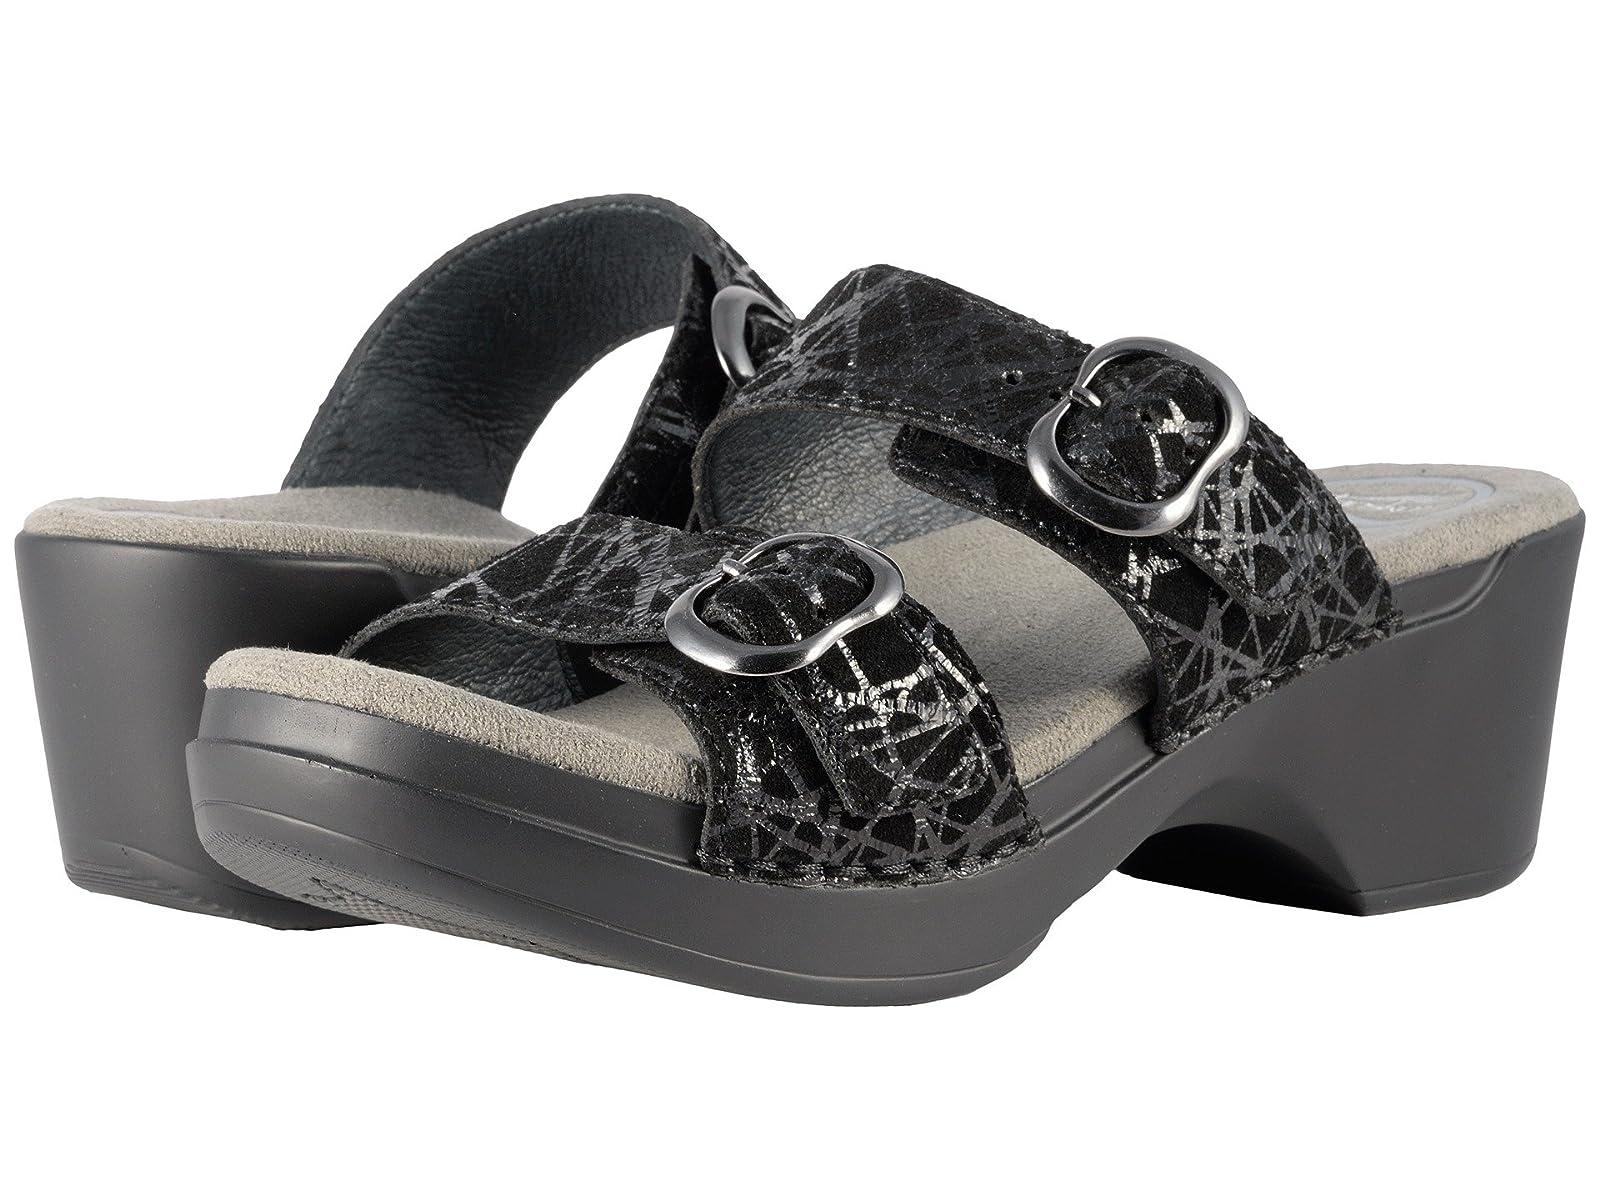 Dansko SophieAtmospheric grades have affordable shoes